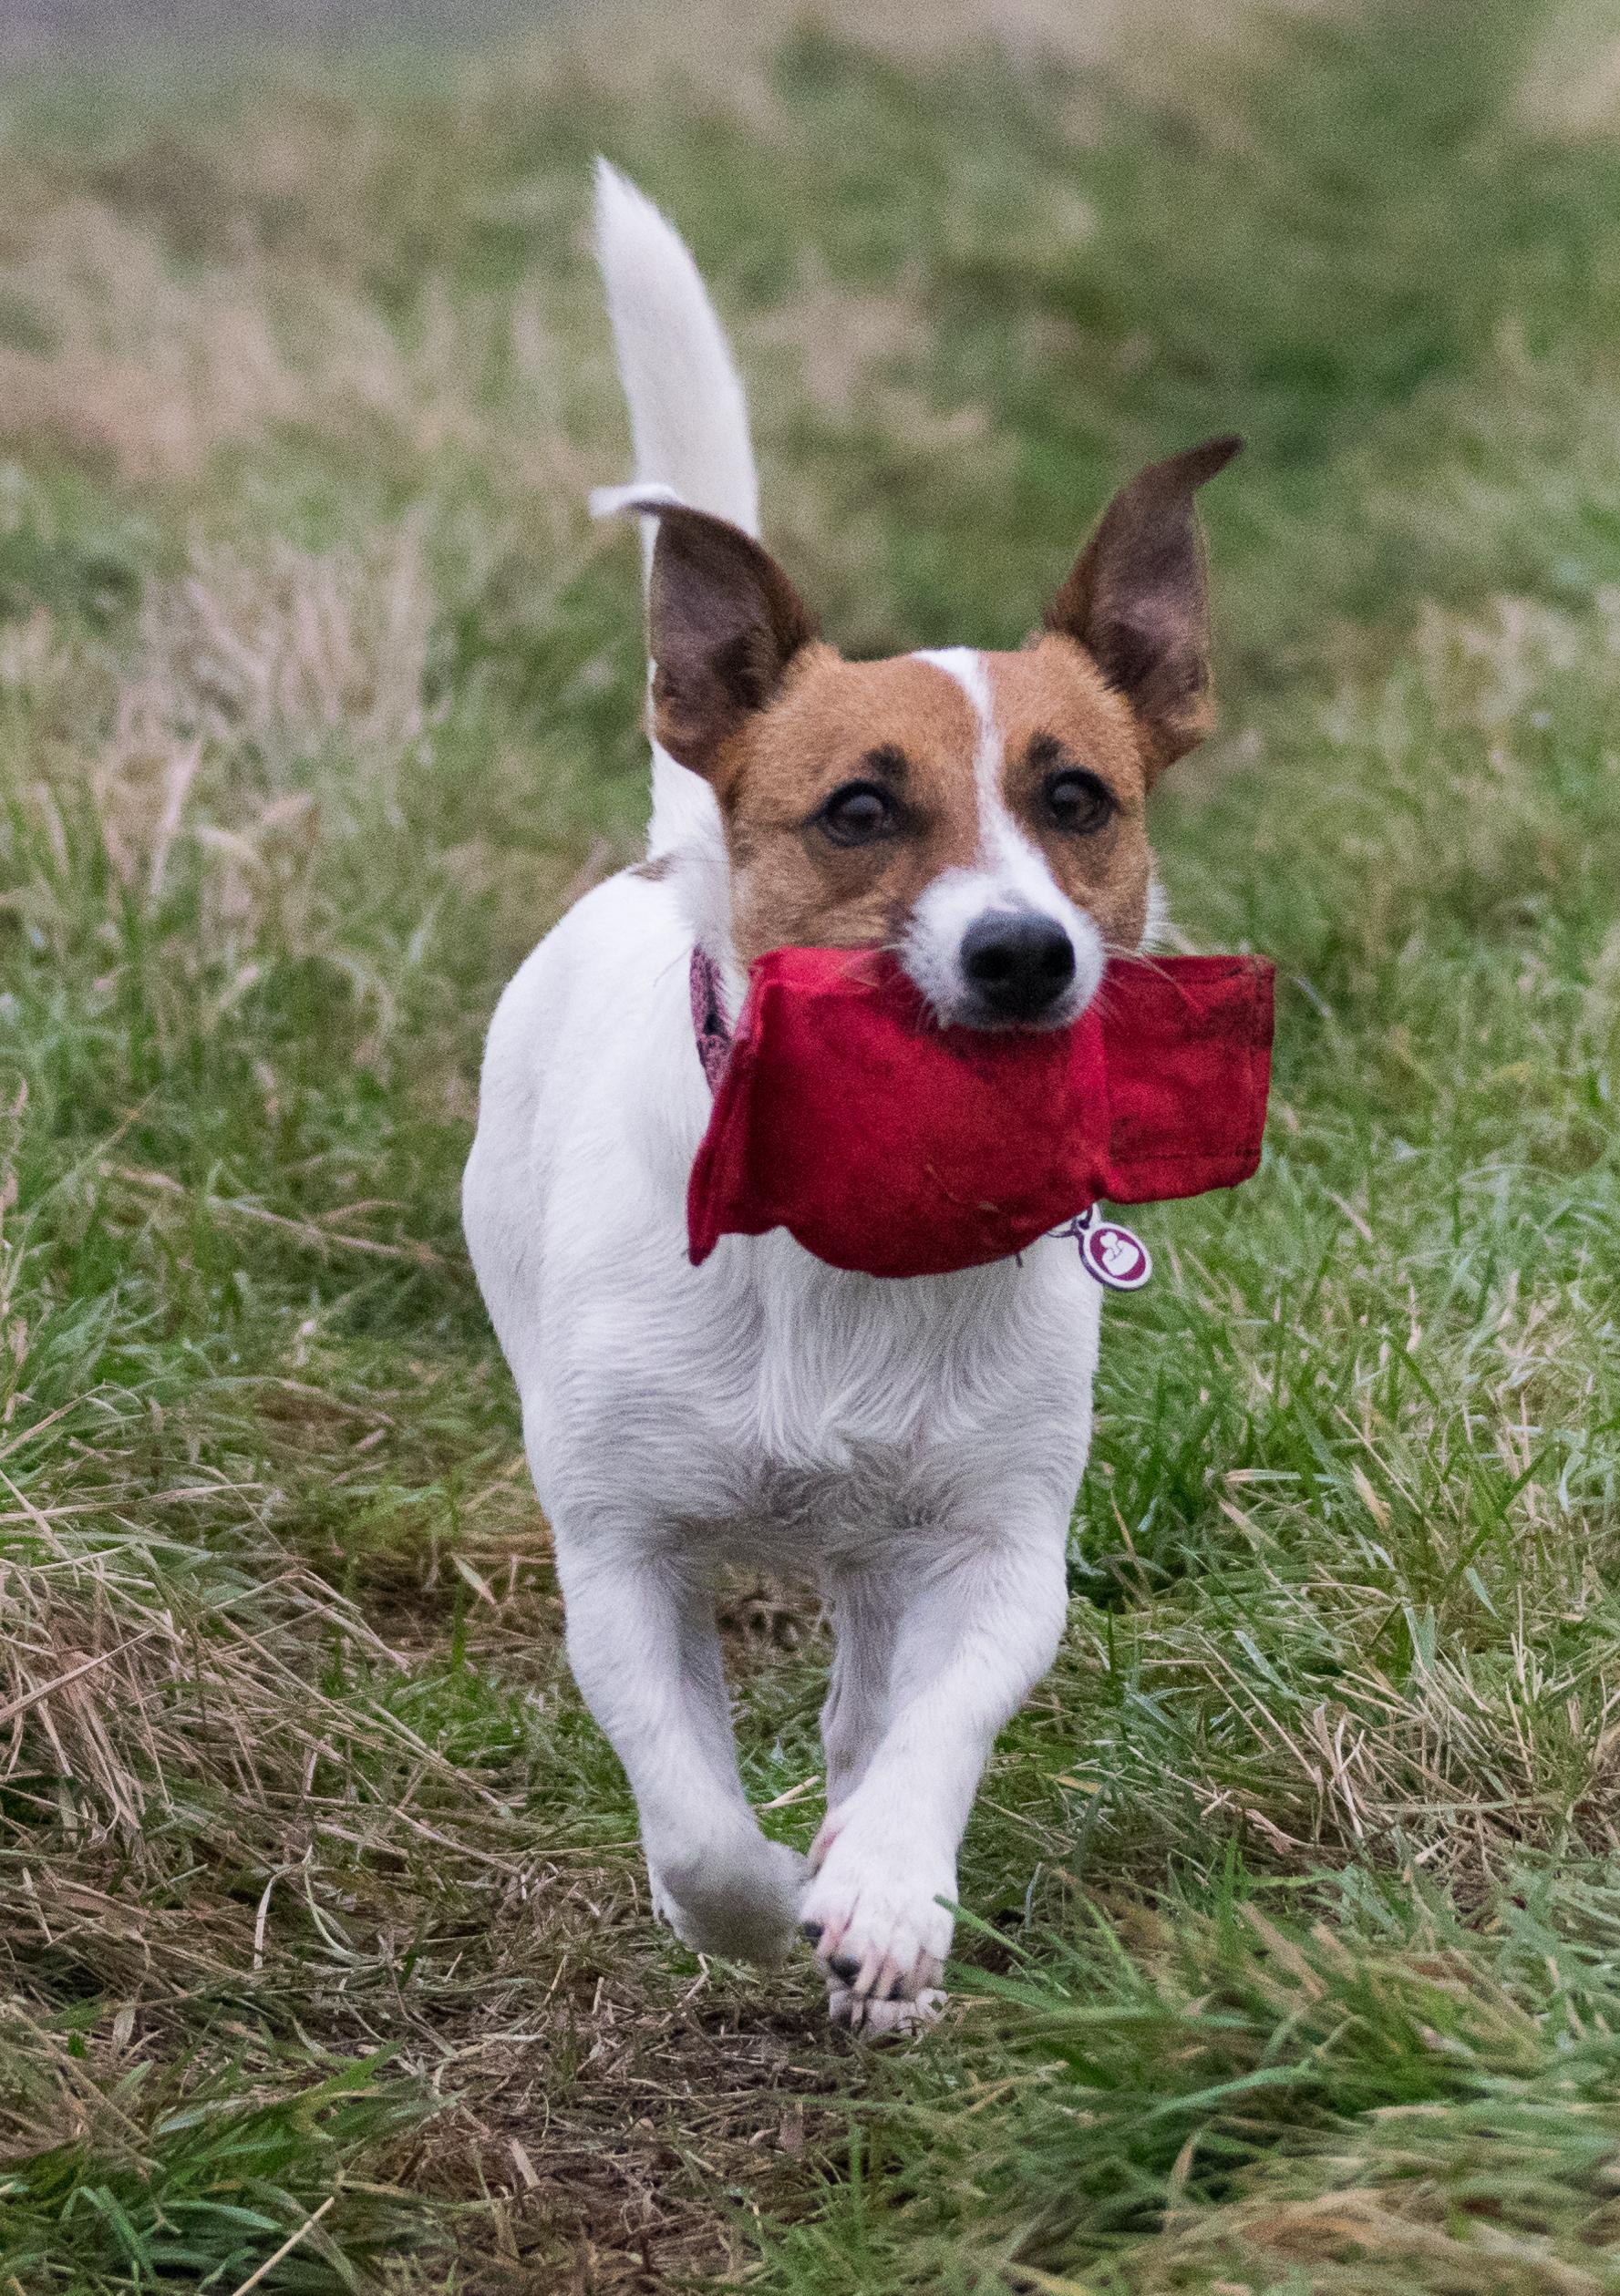 terrier retrieves toy